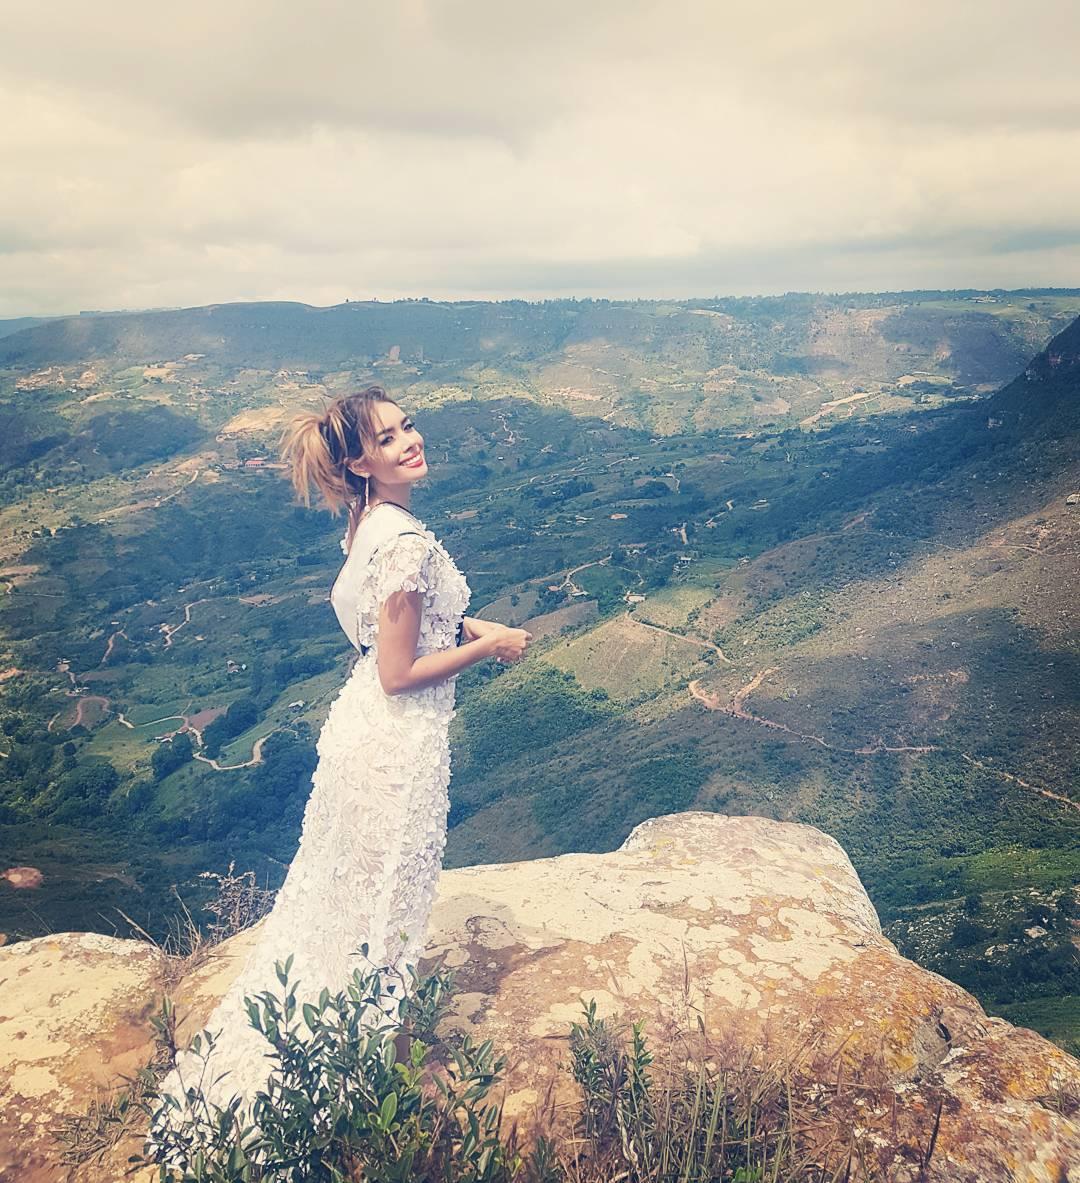 andrea katherine gutierrez puentes, miss tourism 2017/2018. - Página 2 24327710